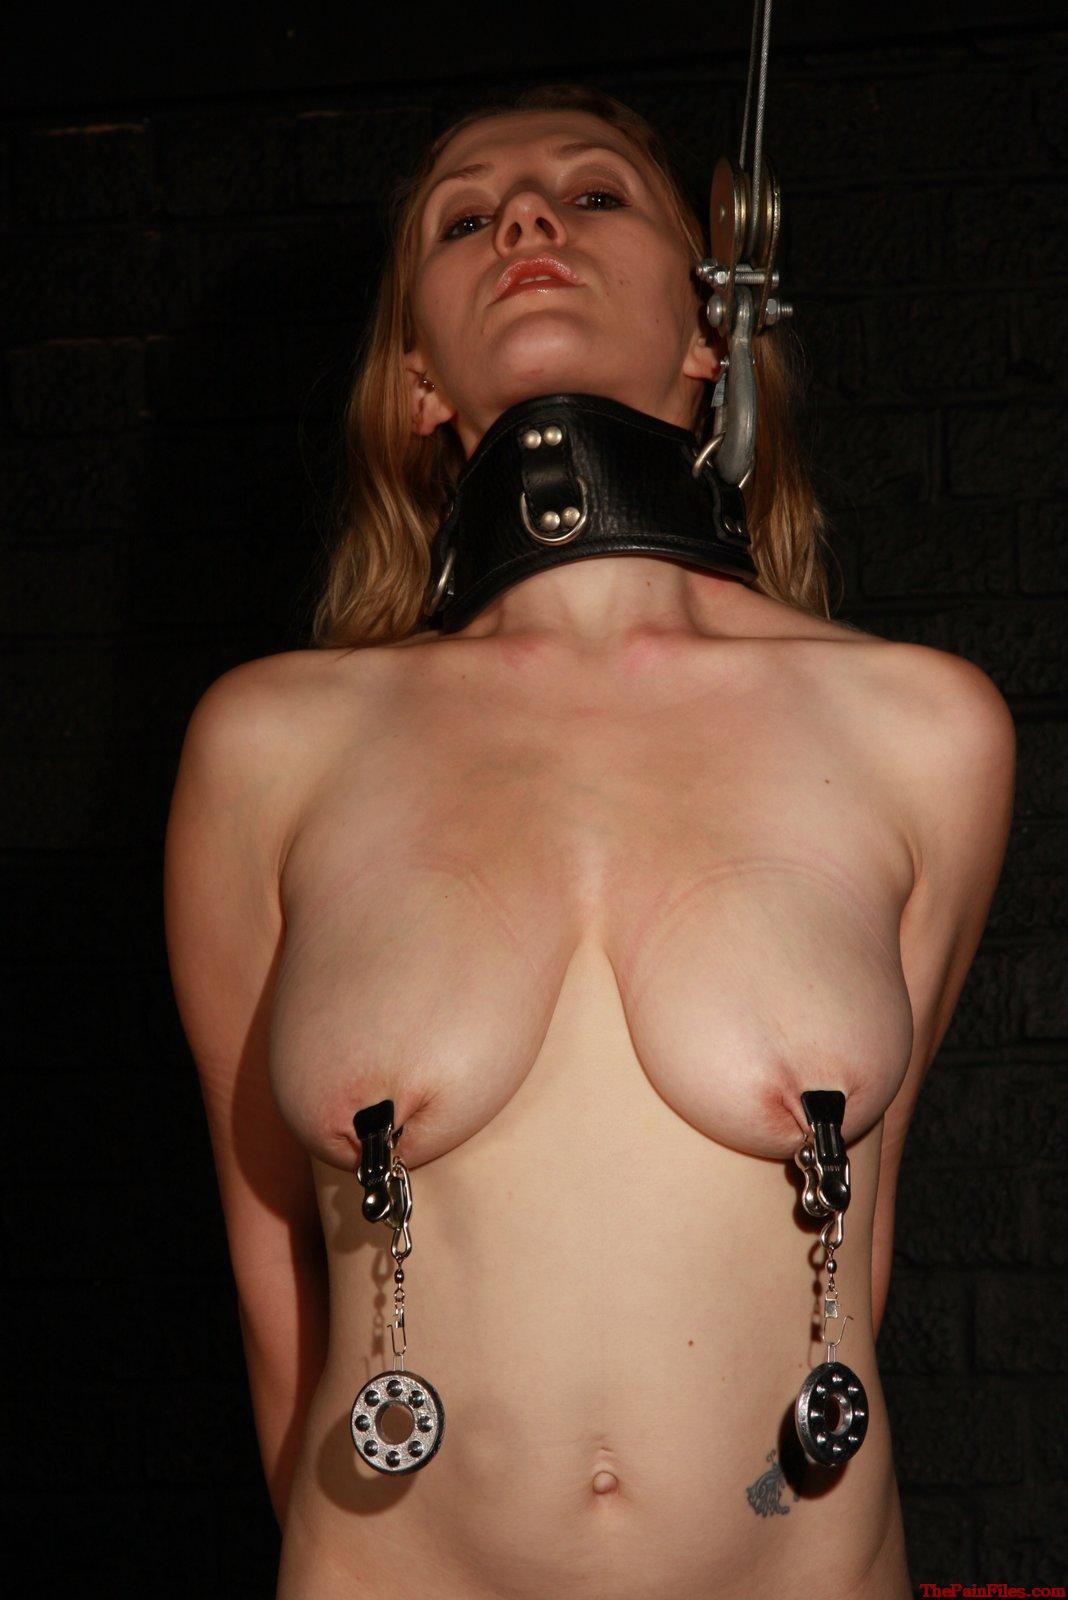 【痛e】「ニップルクランプ」とかいう拷問器具。。。(画像あり)・4枚目